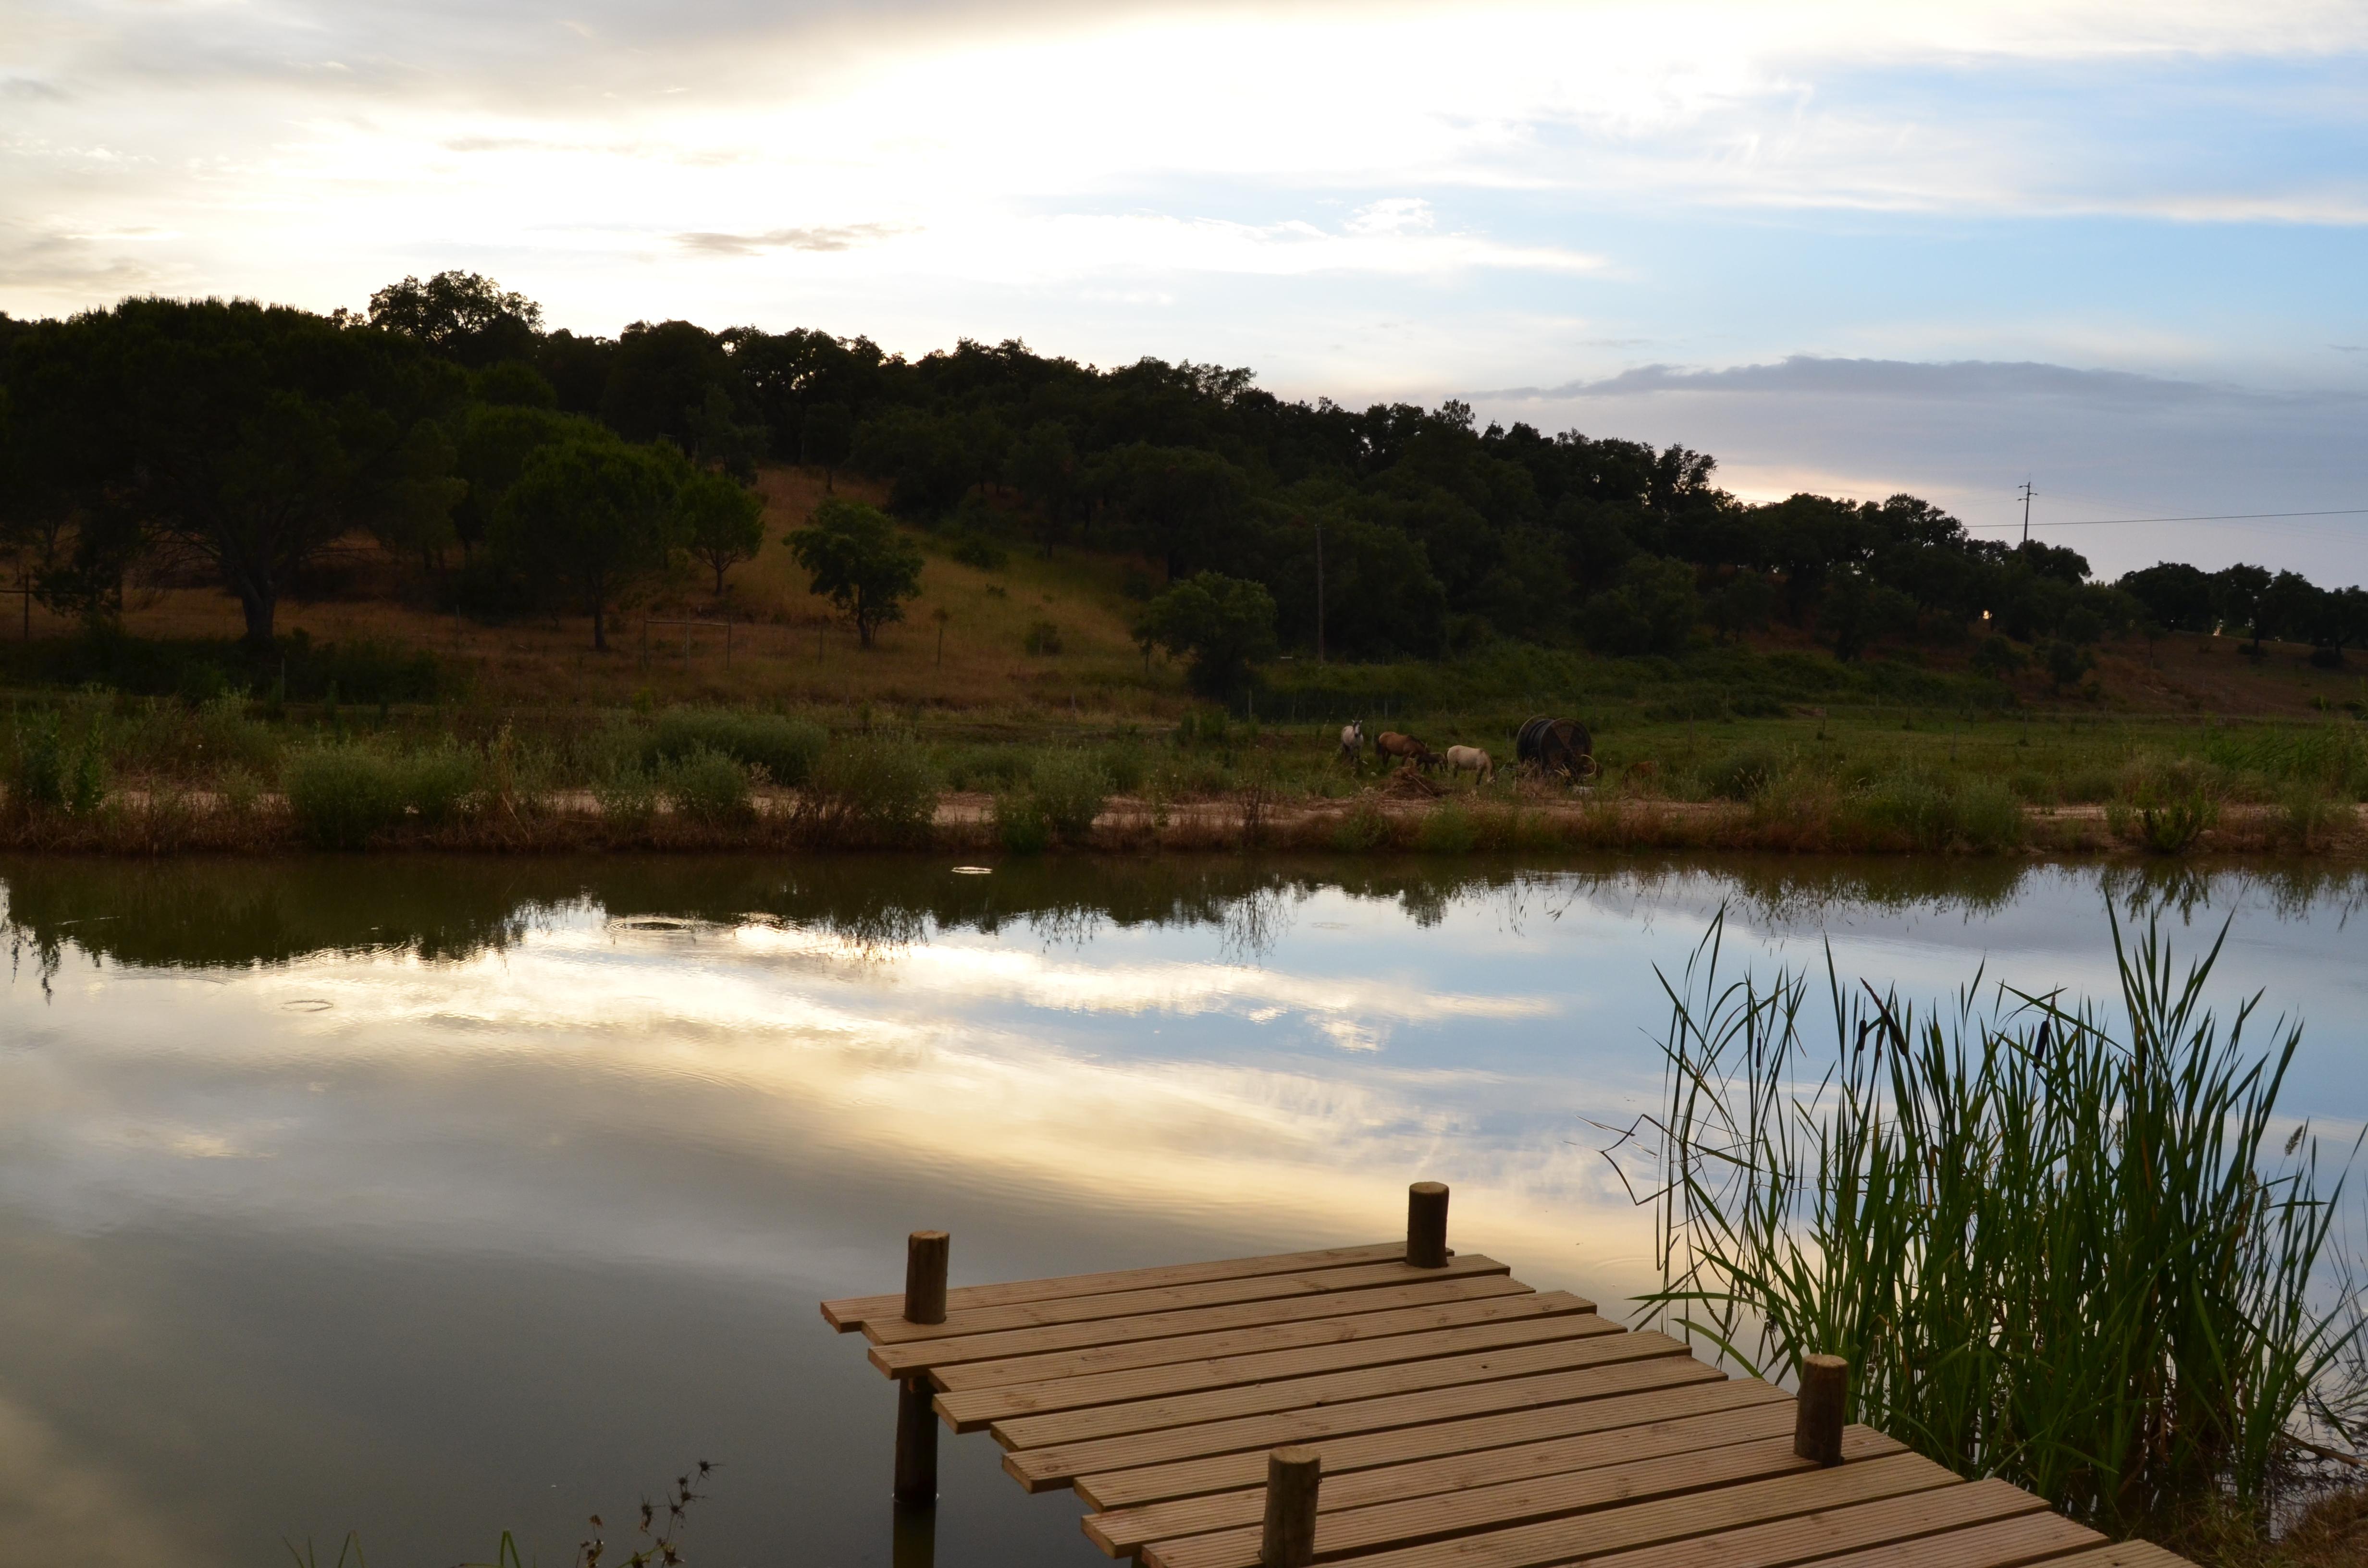 lago 2.JPG